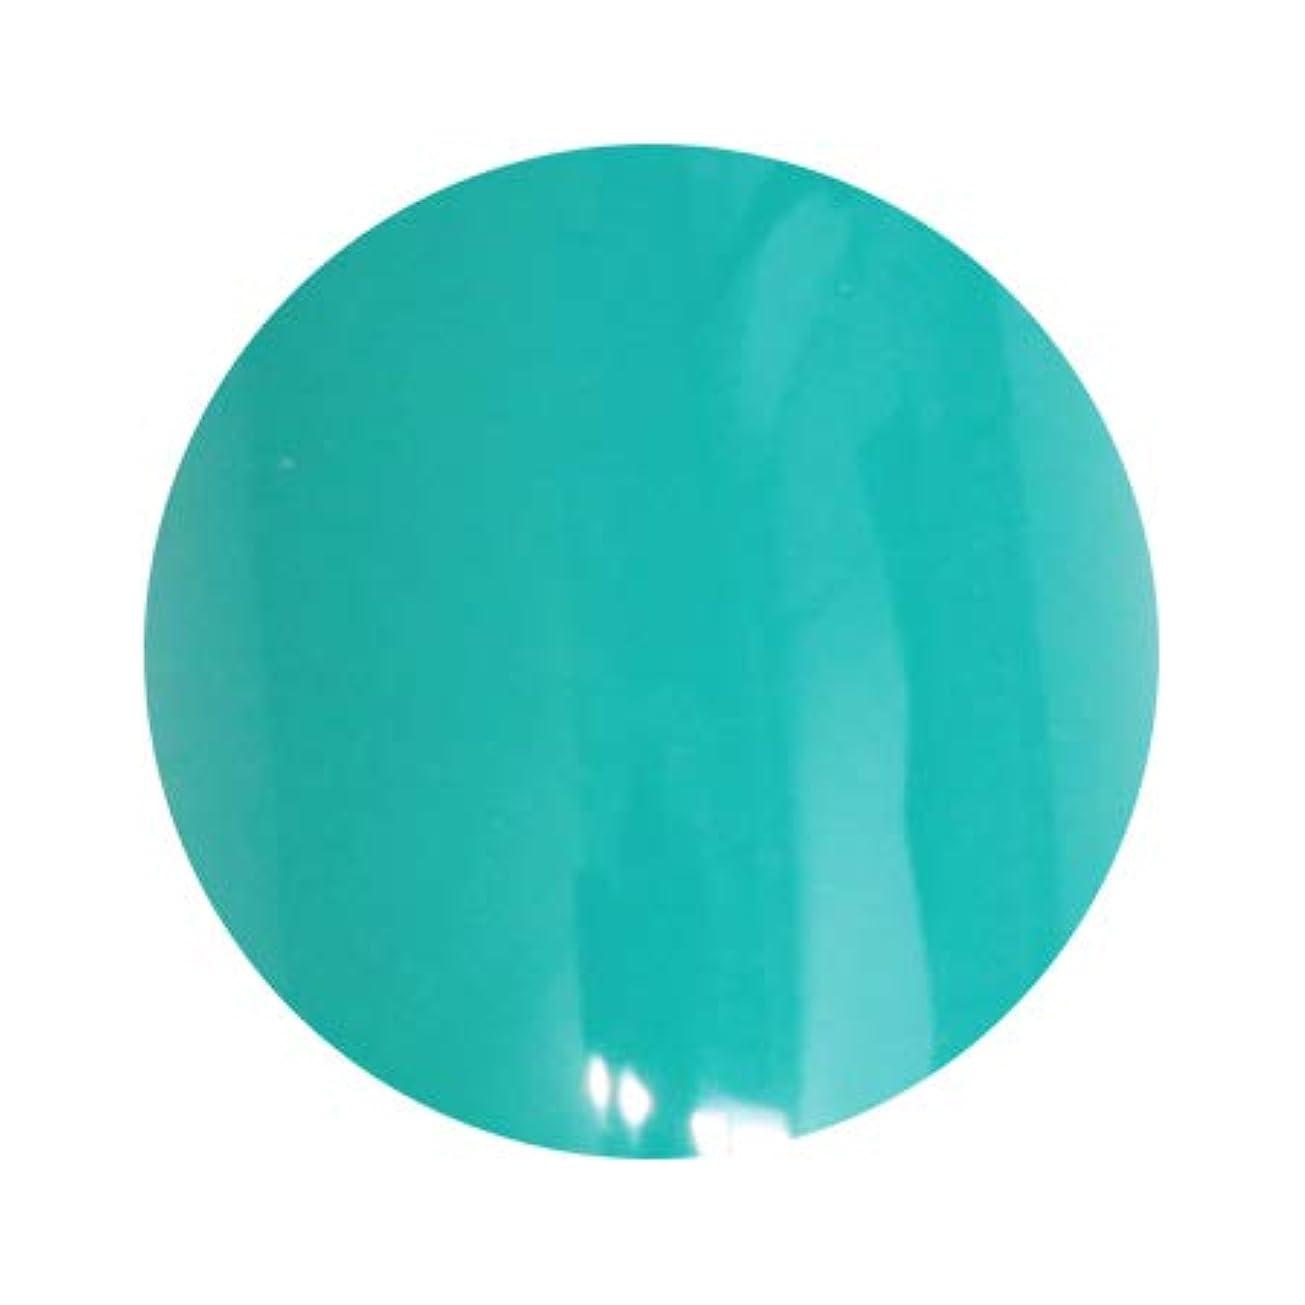 降下不道徳シャンパンLUCU GEL ルクジェル カラー GRM12 ネイテュブグリーン 3.5g